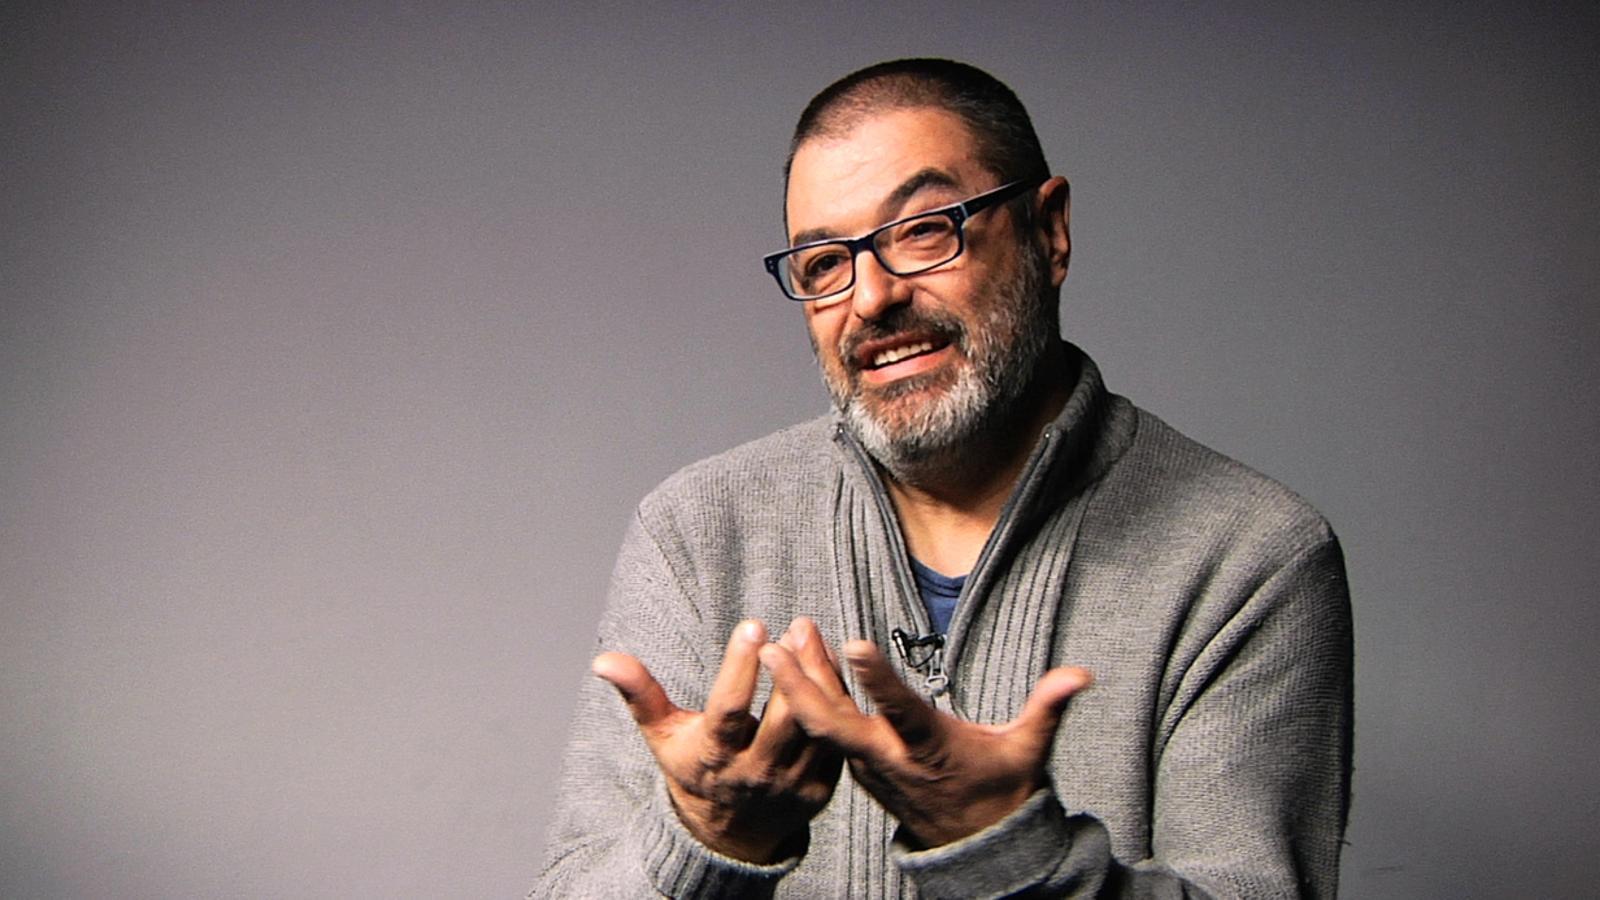 David Gibernau, artesà vidrier: M'agrada que em plantegin reptes, per això penso que el límit de la meva feina és en la imaginació dels meus clients